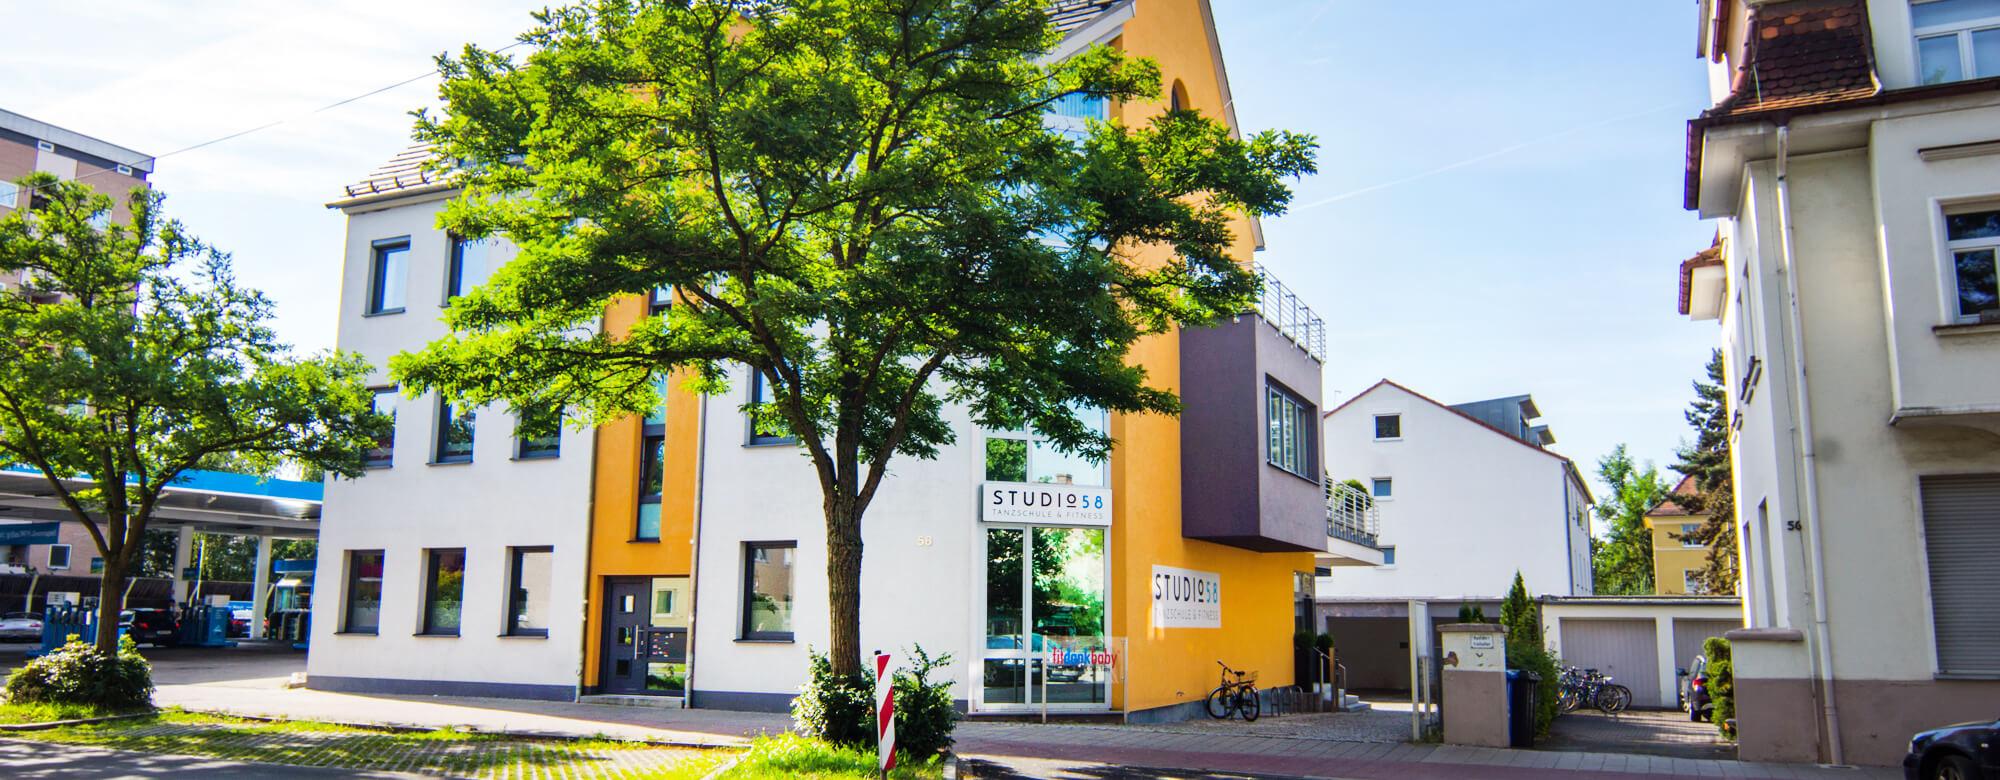 Tanzschule Erlangen Studio58 Home